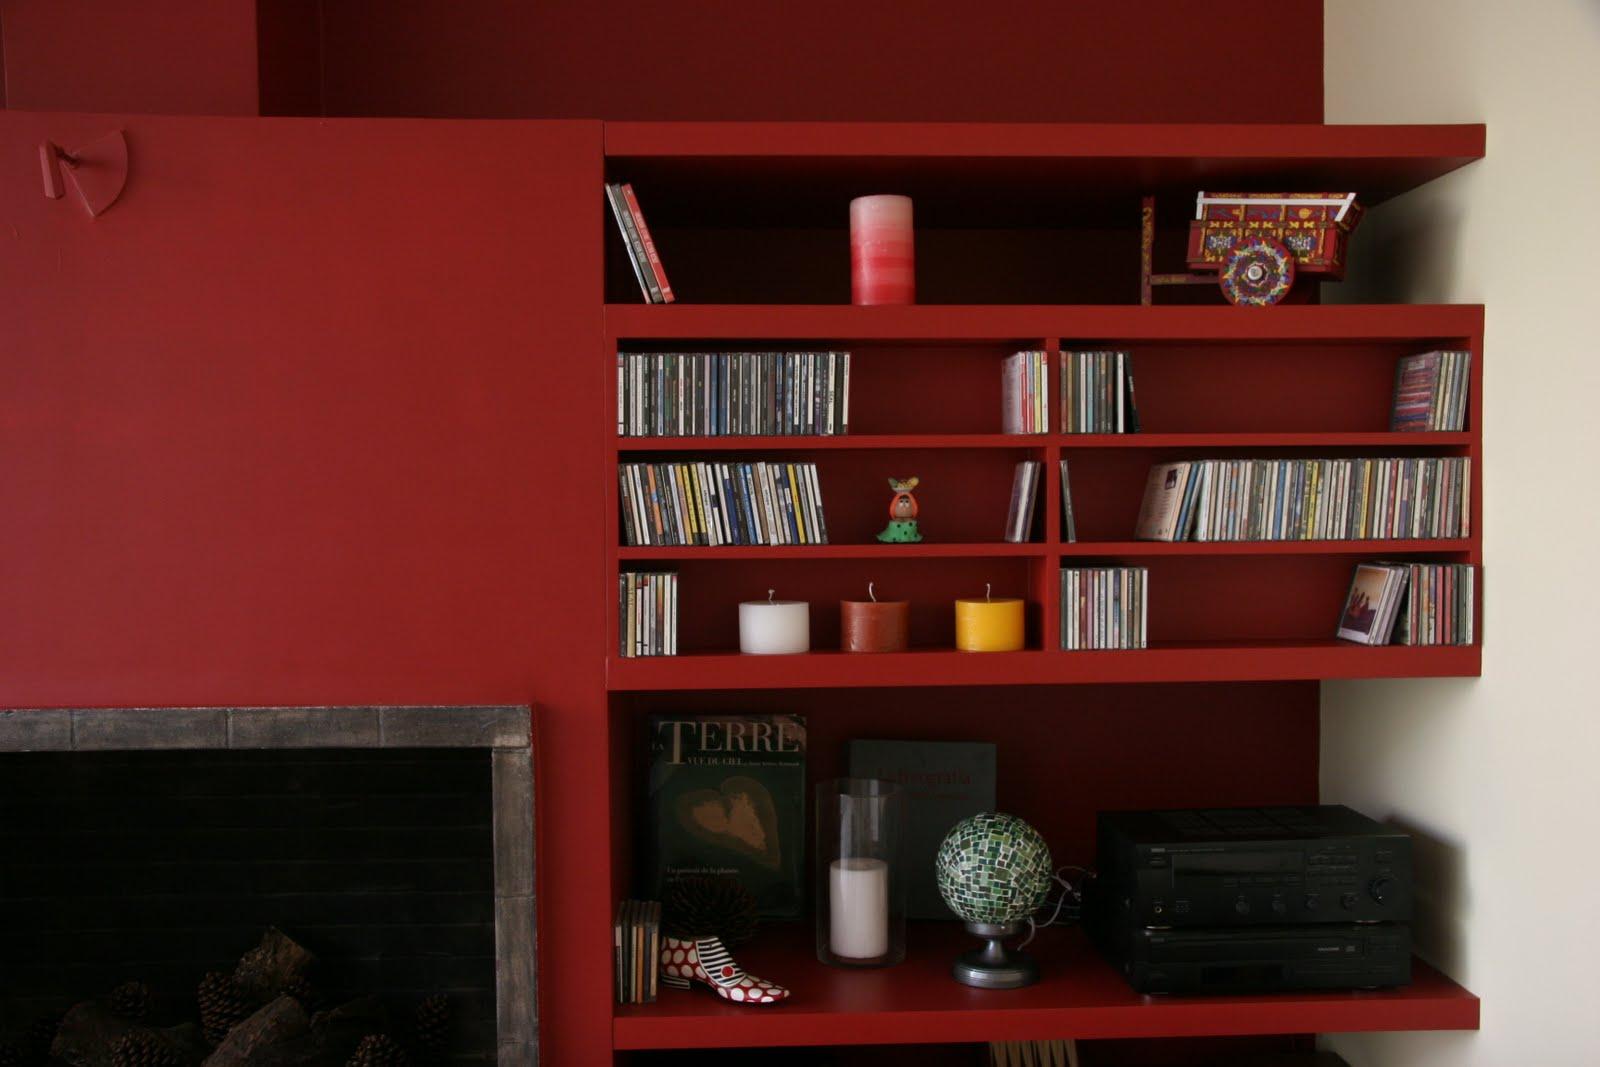 Muebles a tu medida biblioteca y hogar todo en uno for Muebles de biblioteca